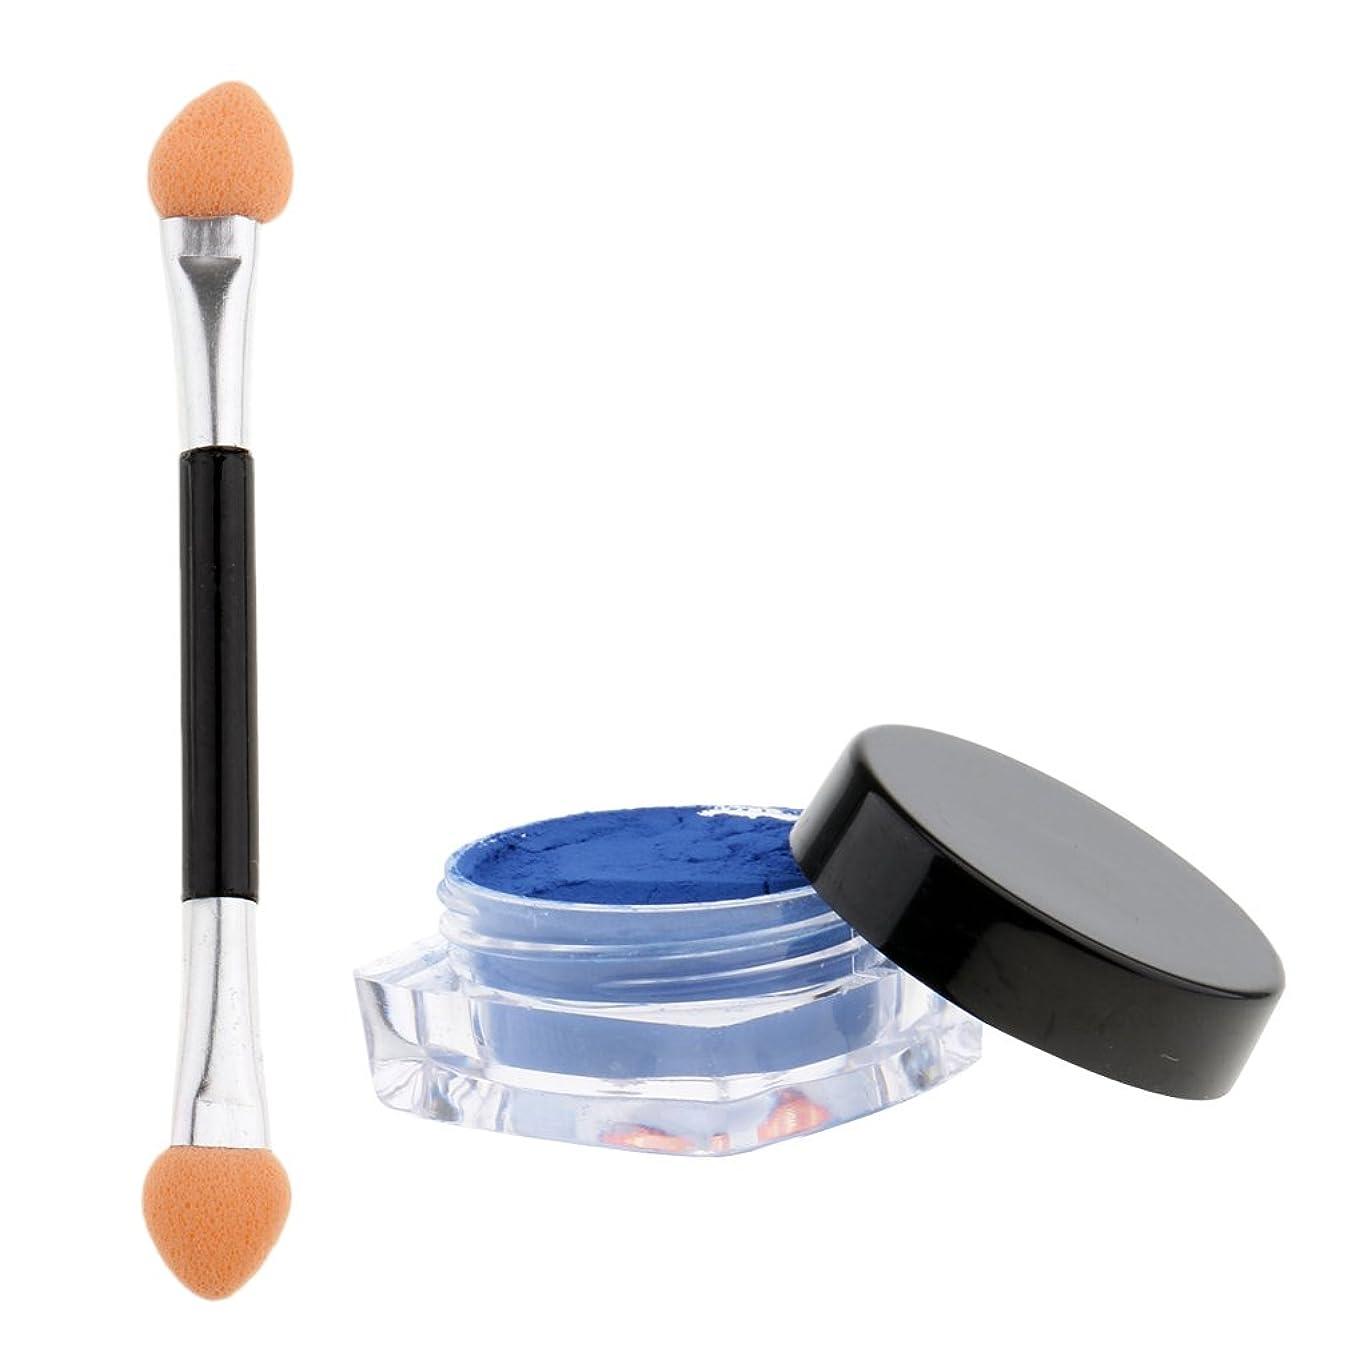 常習者ガード発生Perfeclan ネイル マニキュア顔料 温度色変化 熱顔料 ブラシ 全12色選べる - 青